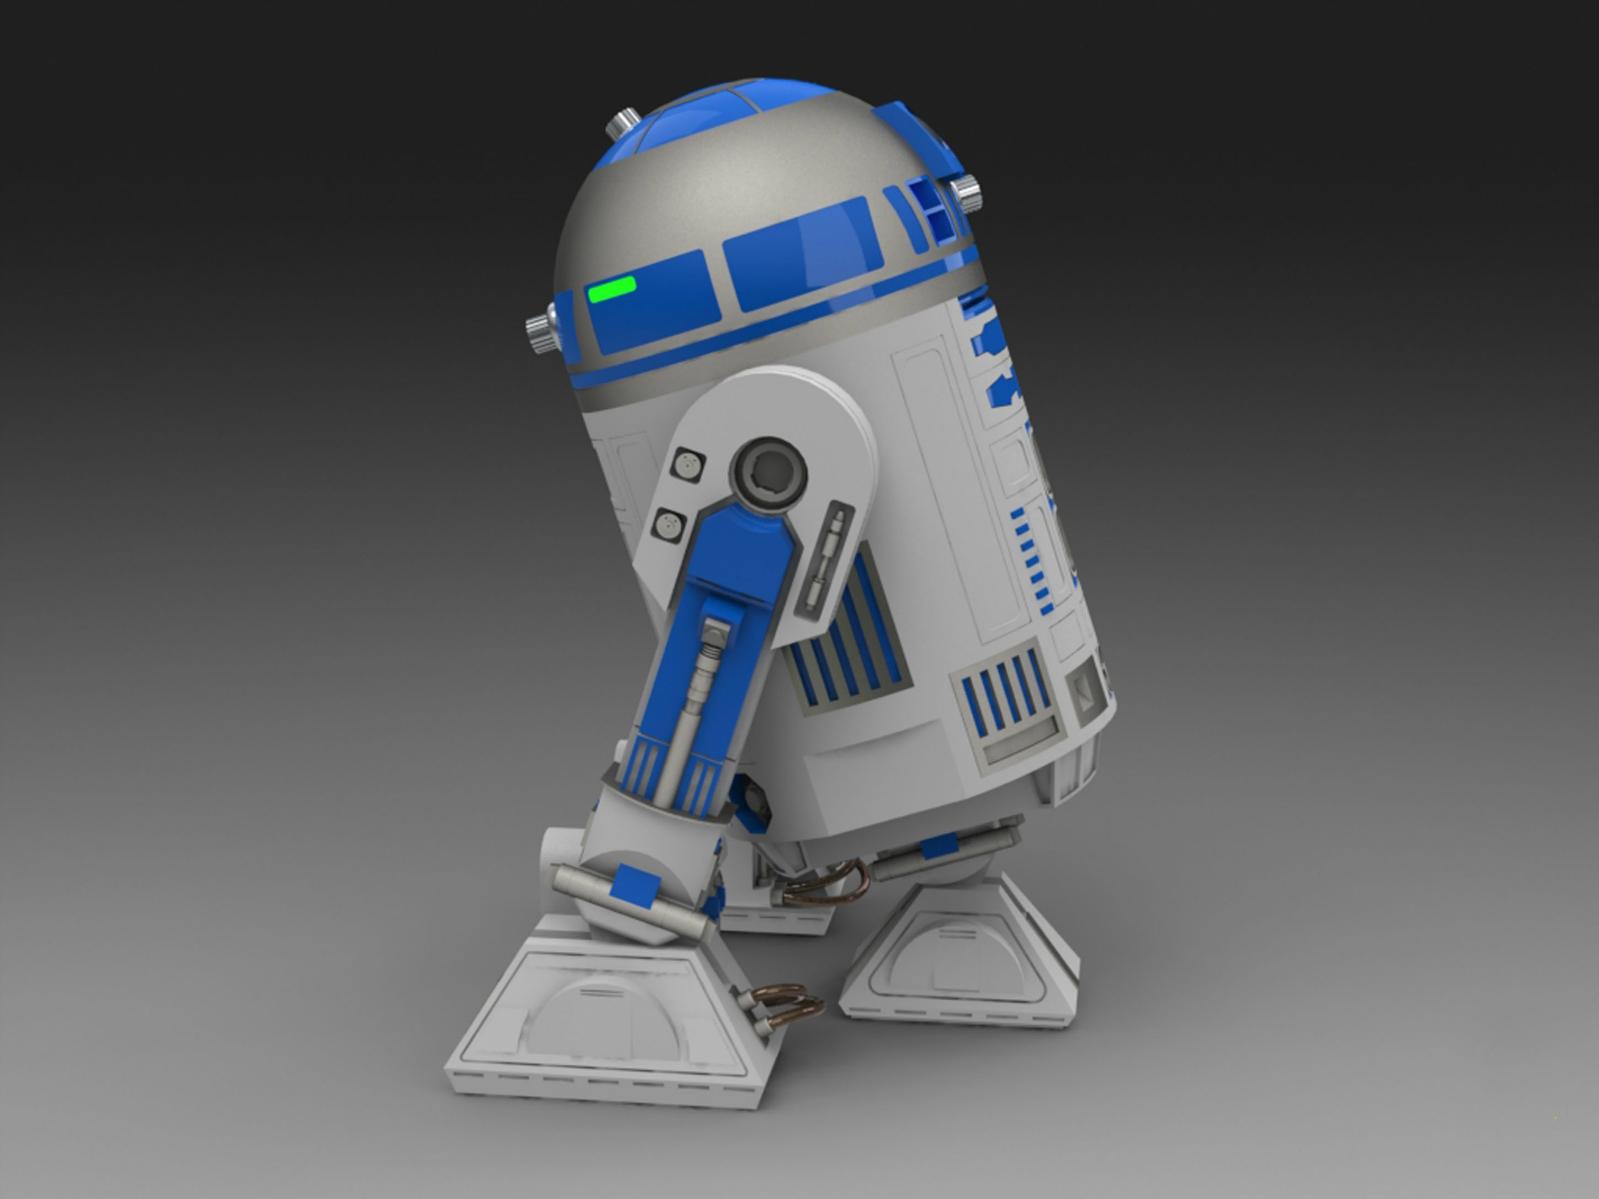 用SolidWorks设计的R2-D2(Artoo-Detoo)机器人